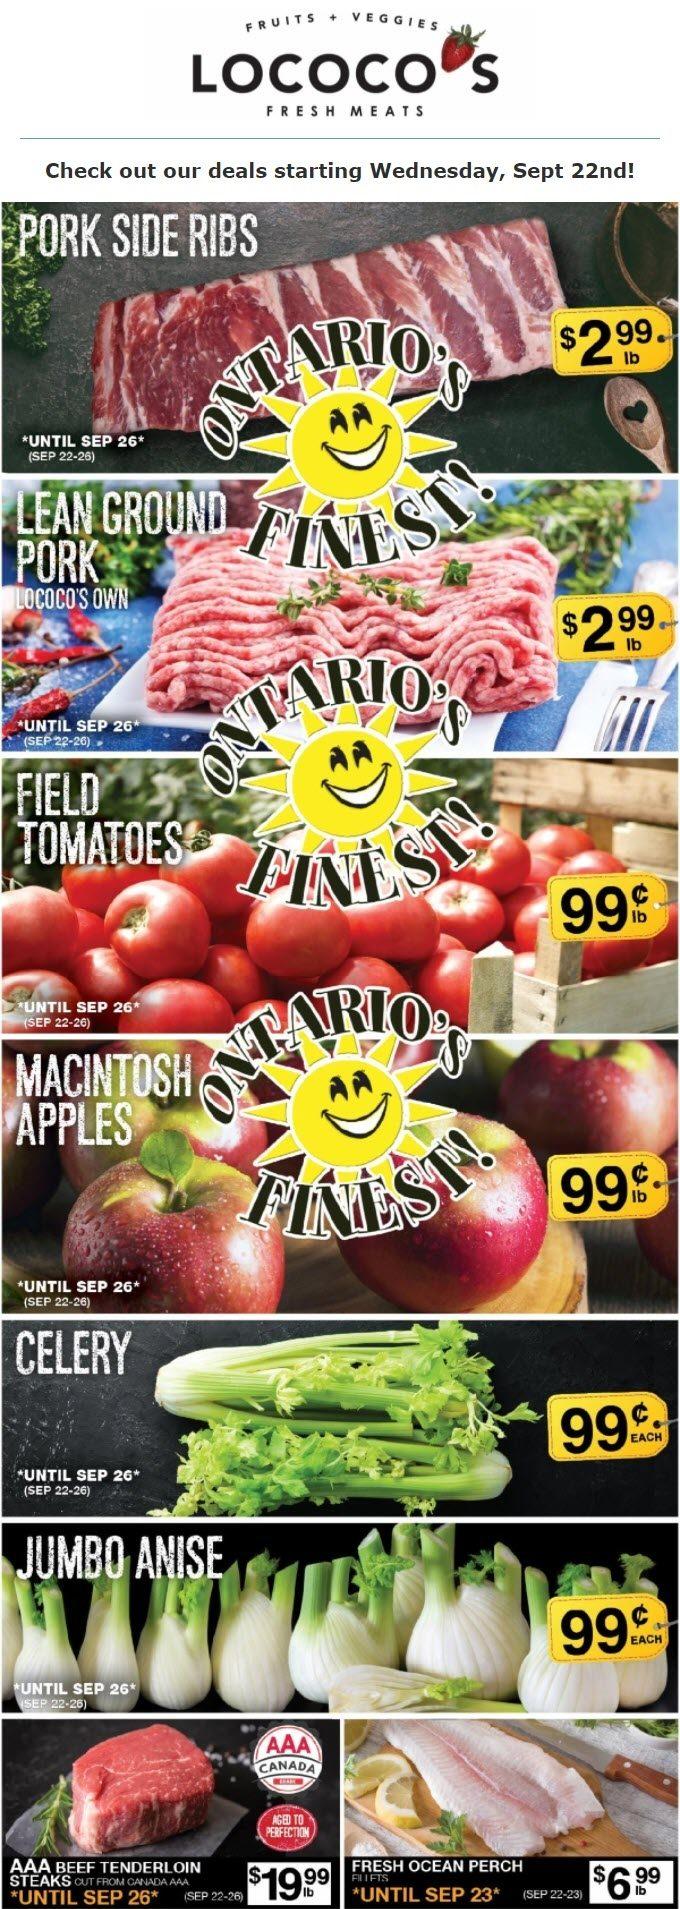 Lococo's - Weekly Flyer Specials